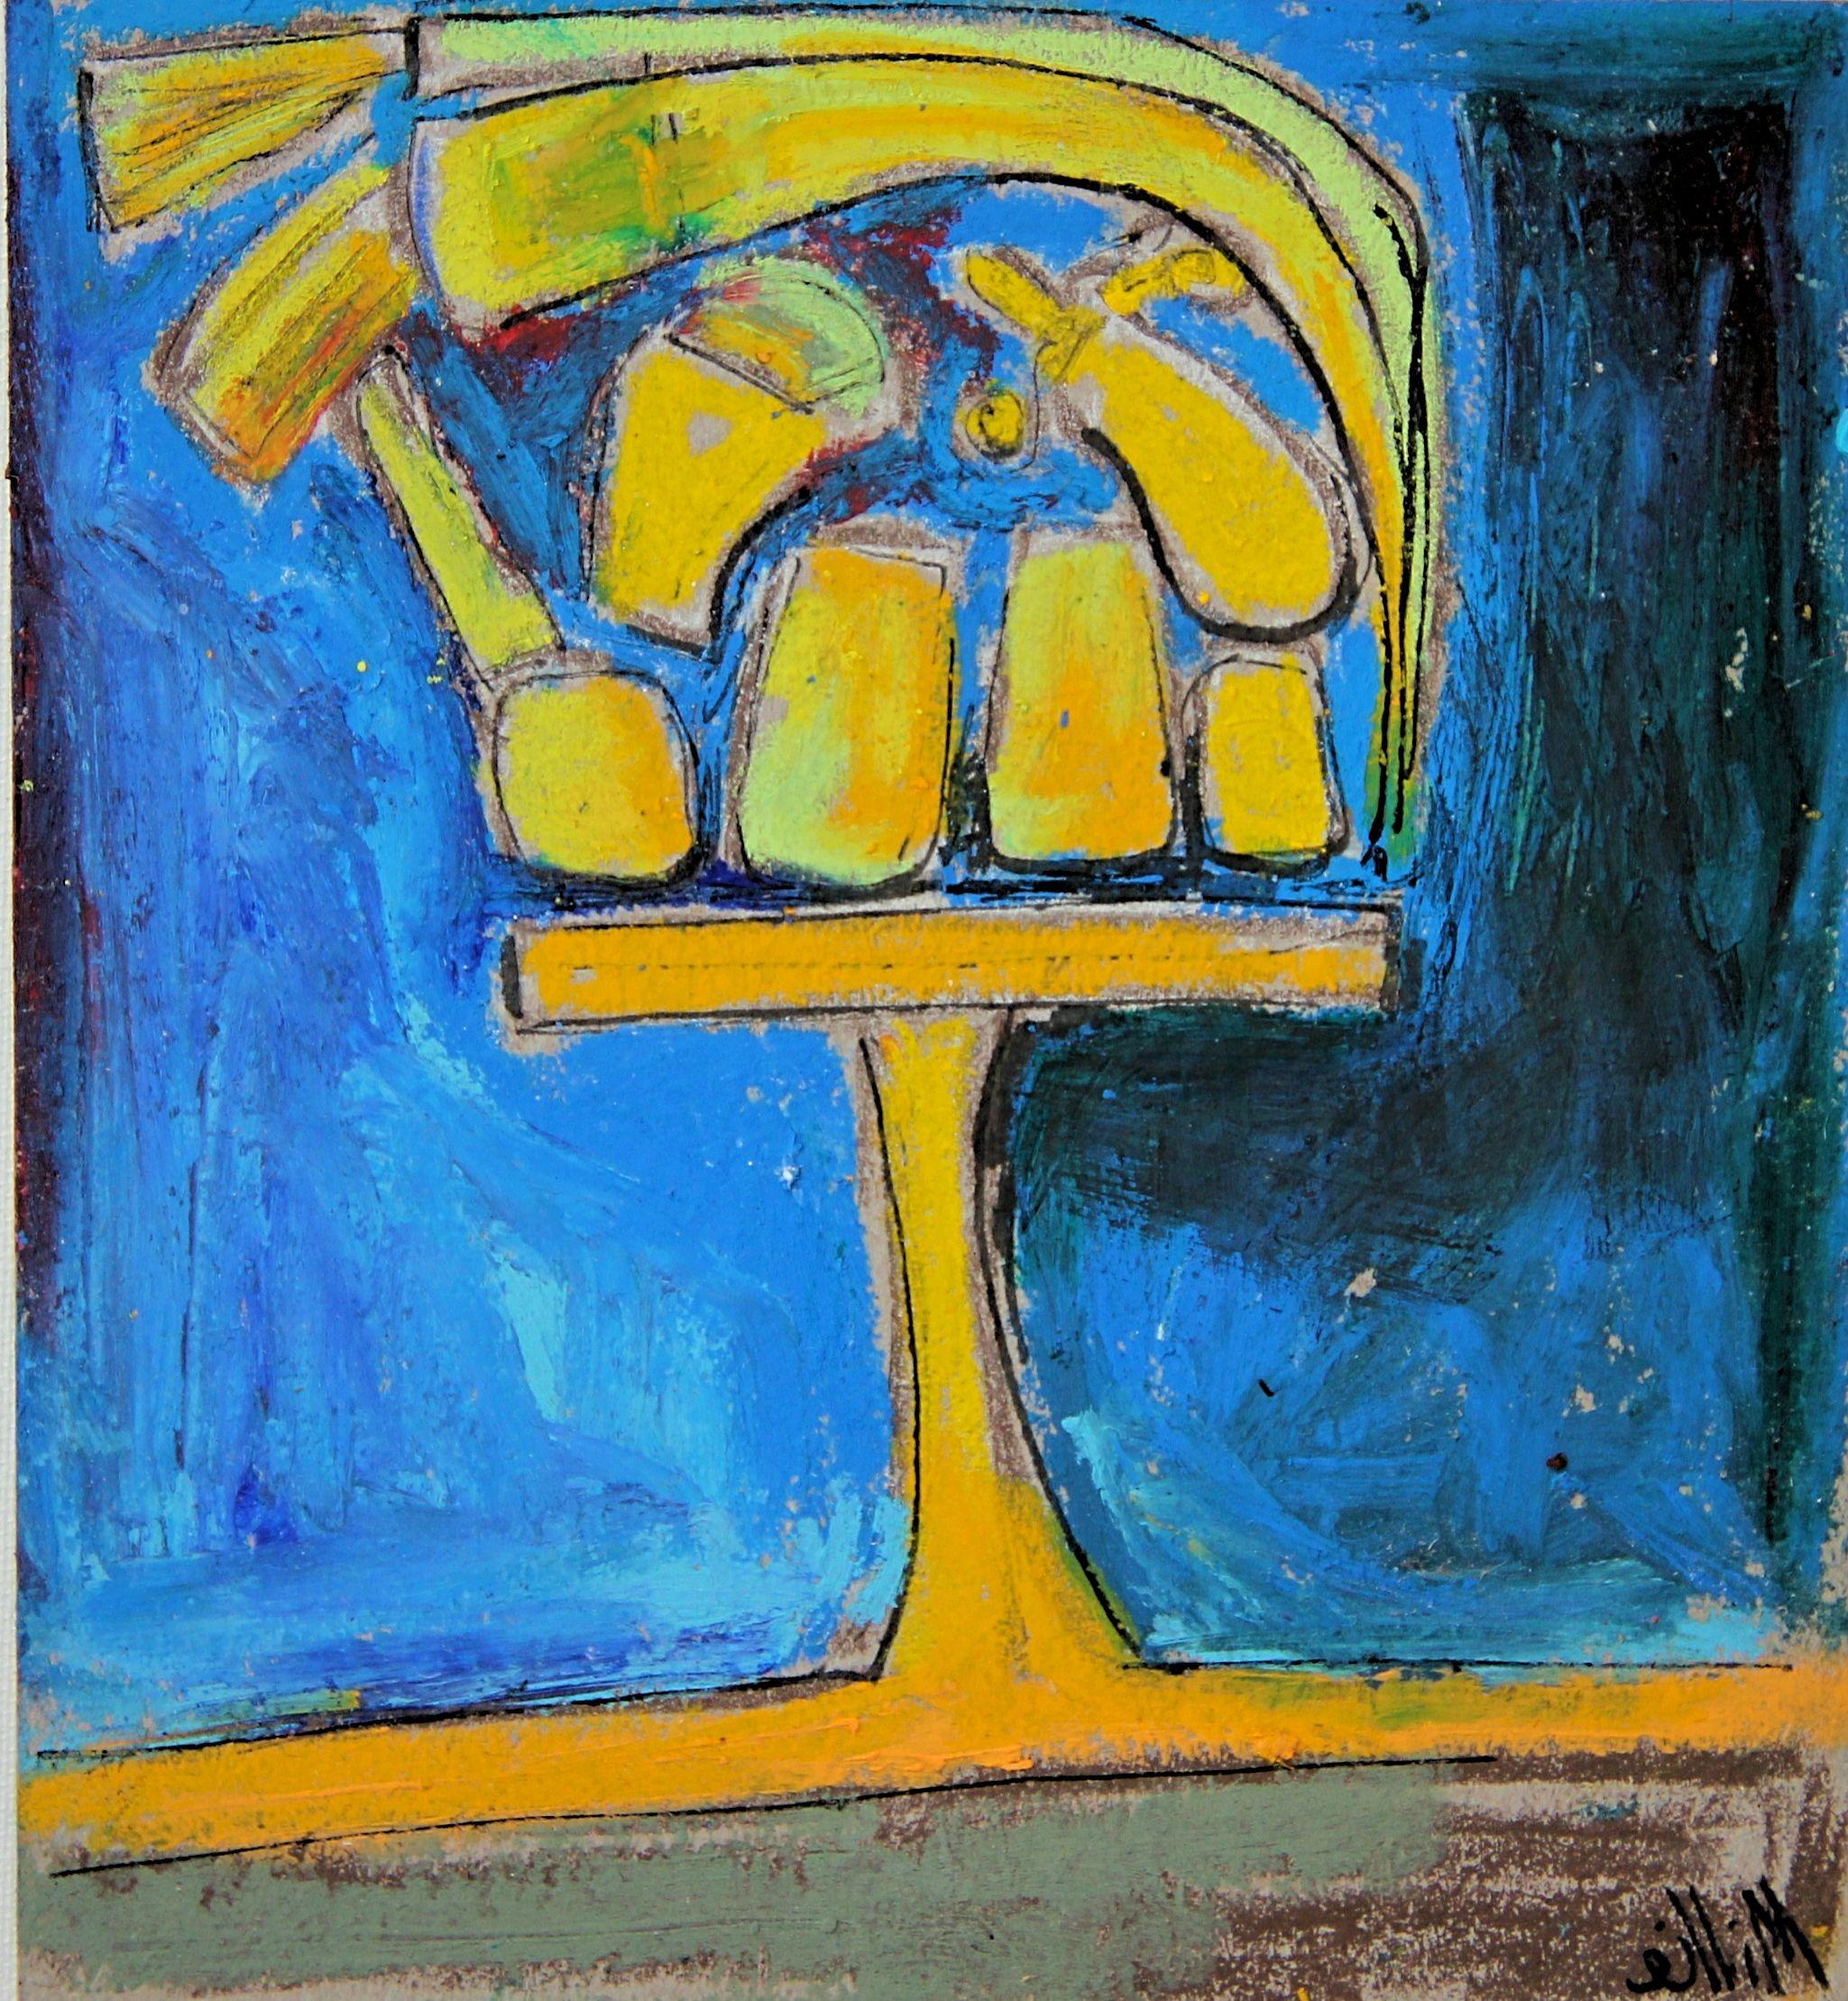 Egyptian Table Blue.jpg